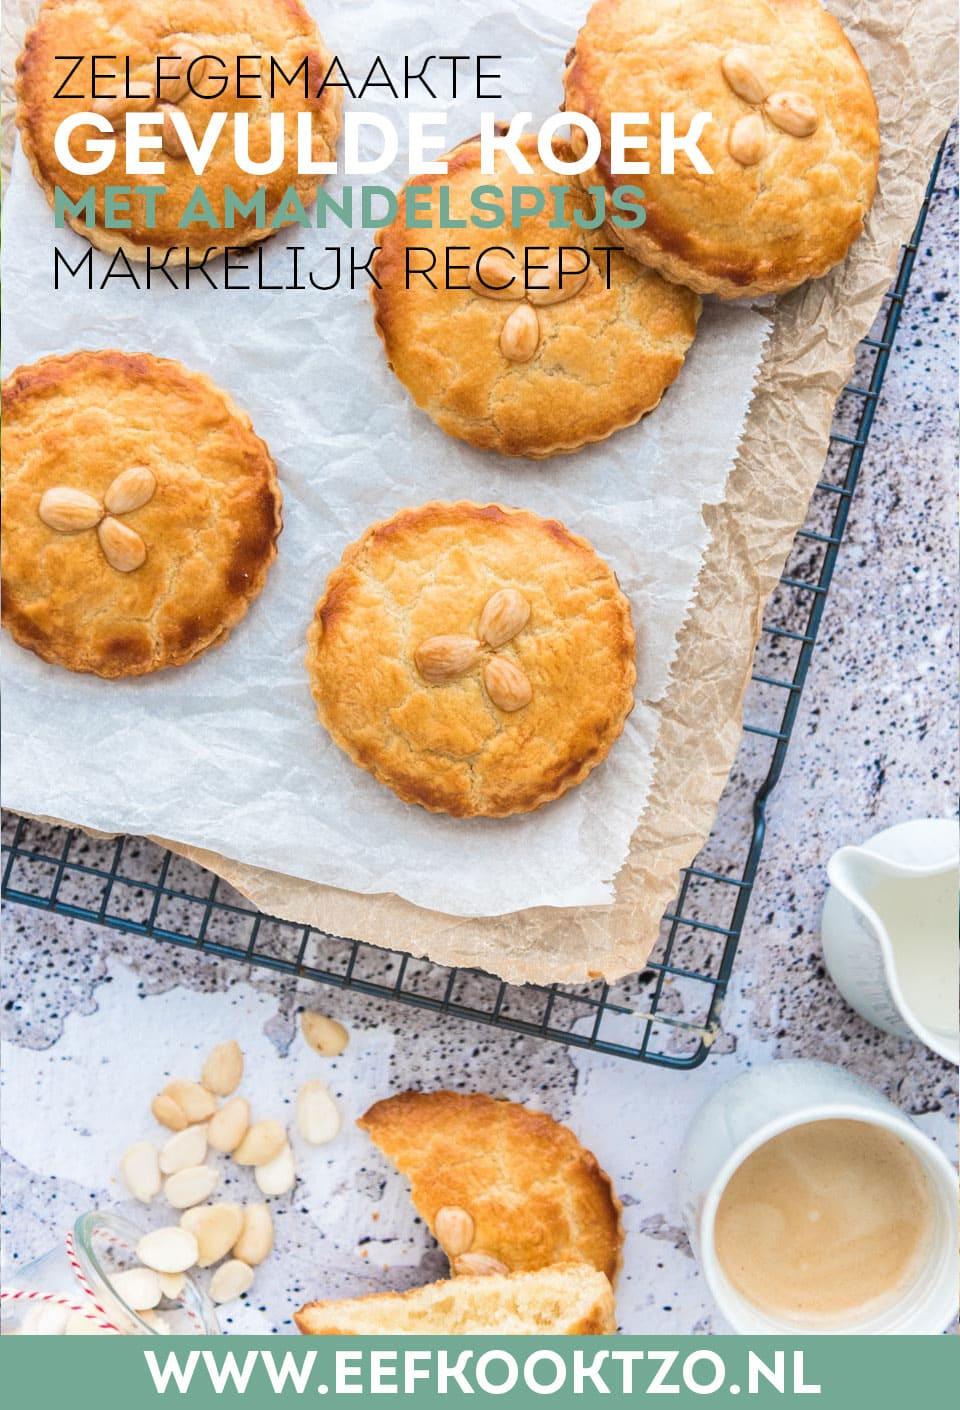 Ingredienten voor zelfgemaakte gevulde koeken